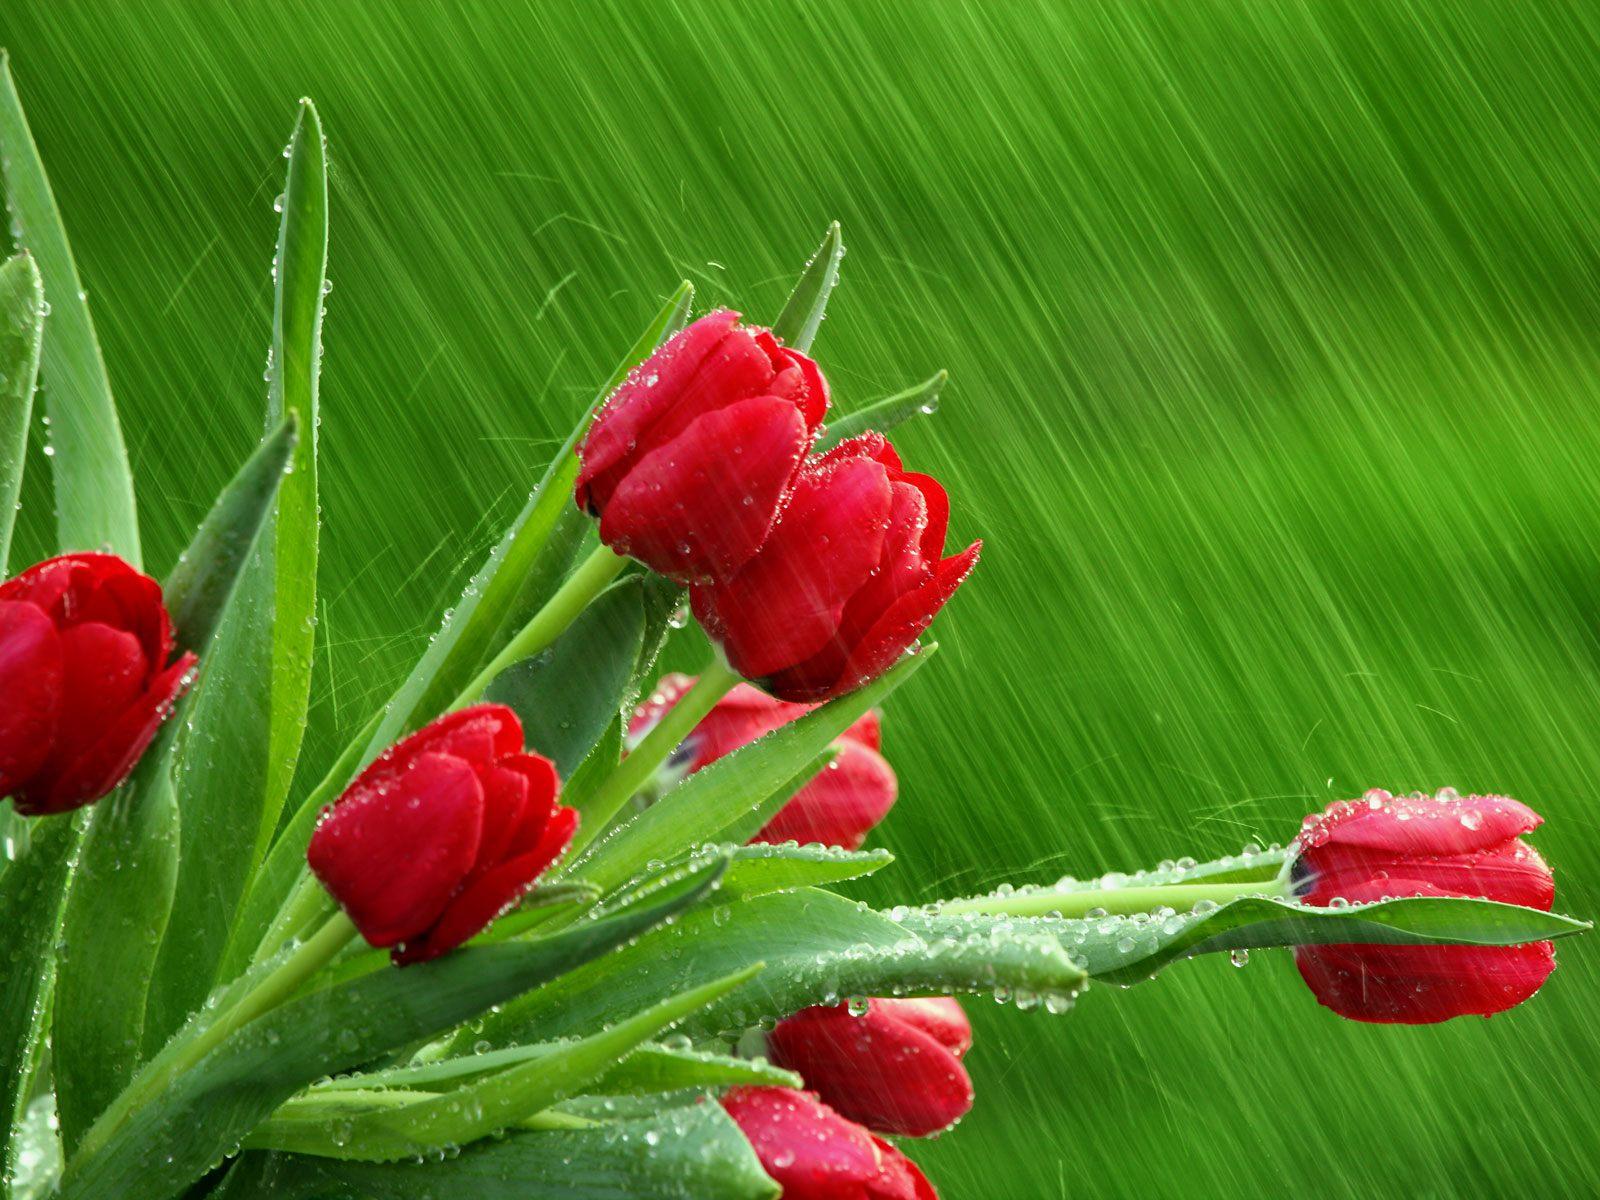 Raining Beautiful Pics Hd Wallpaper